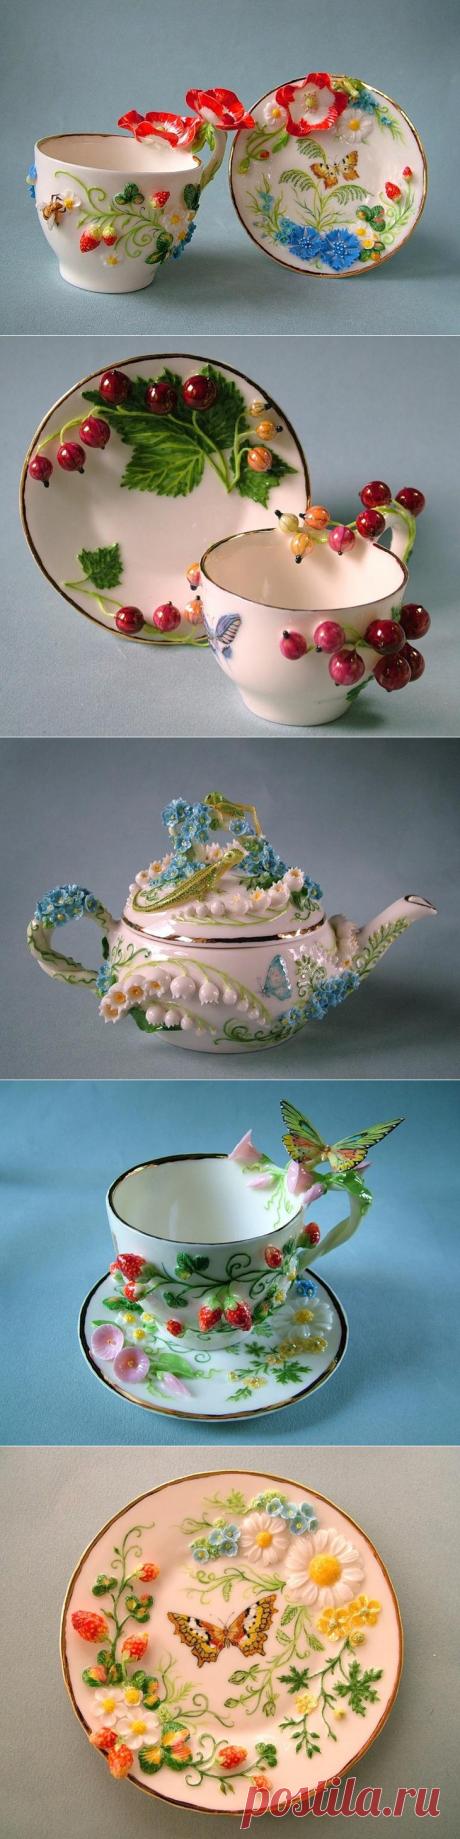 Porcelain, molding, list